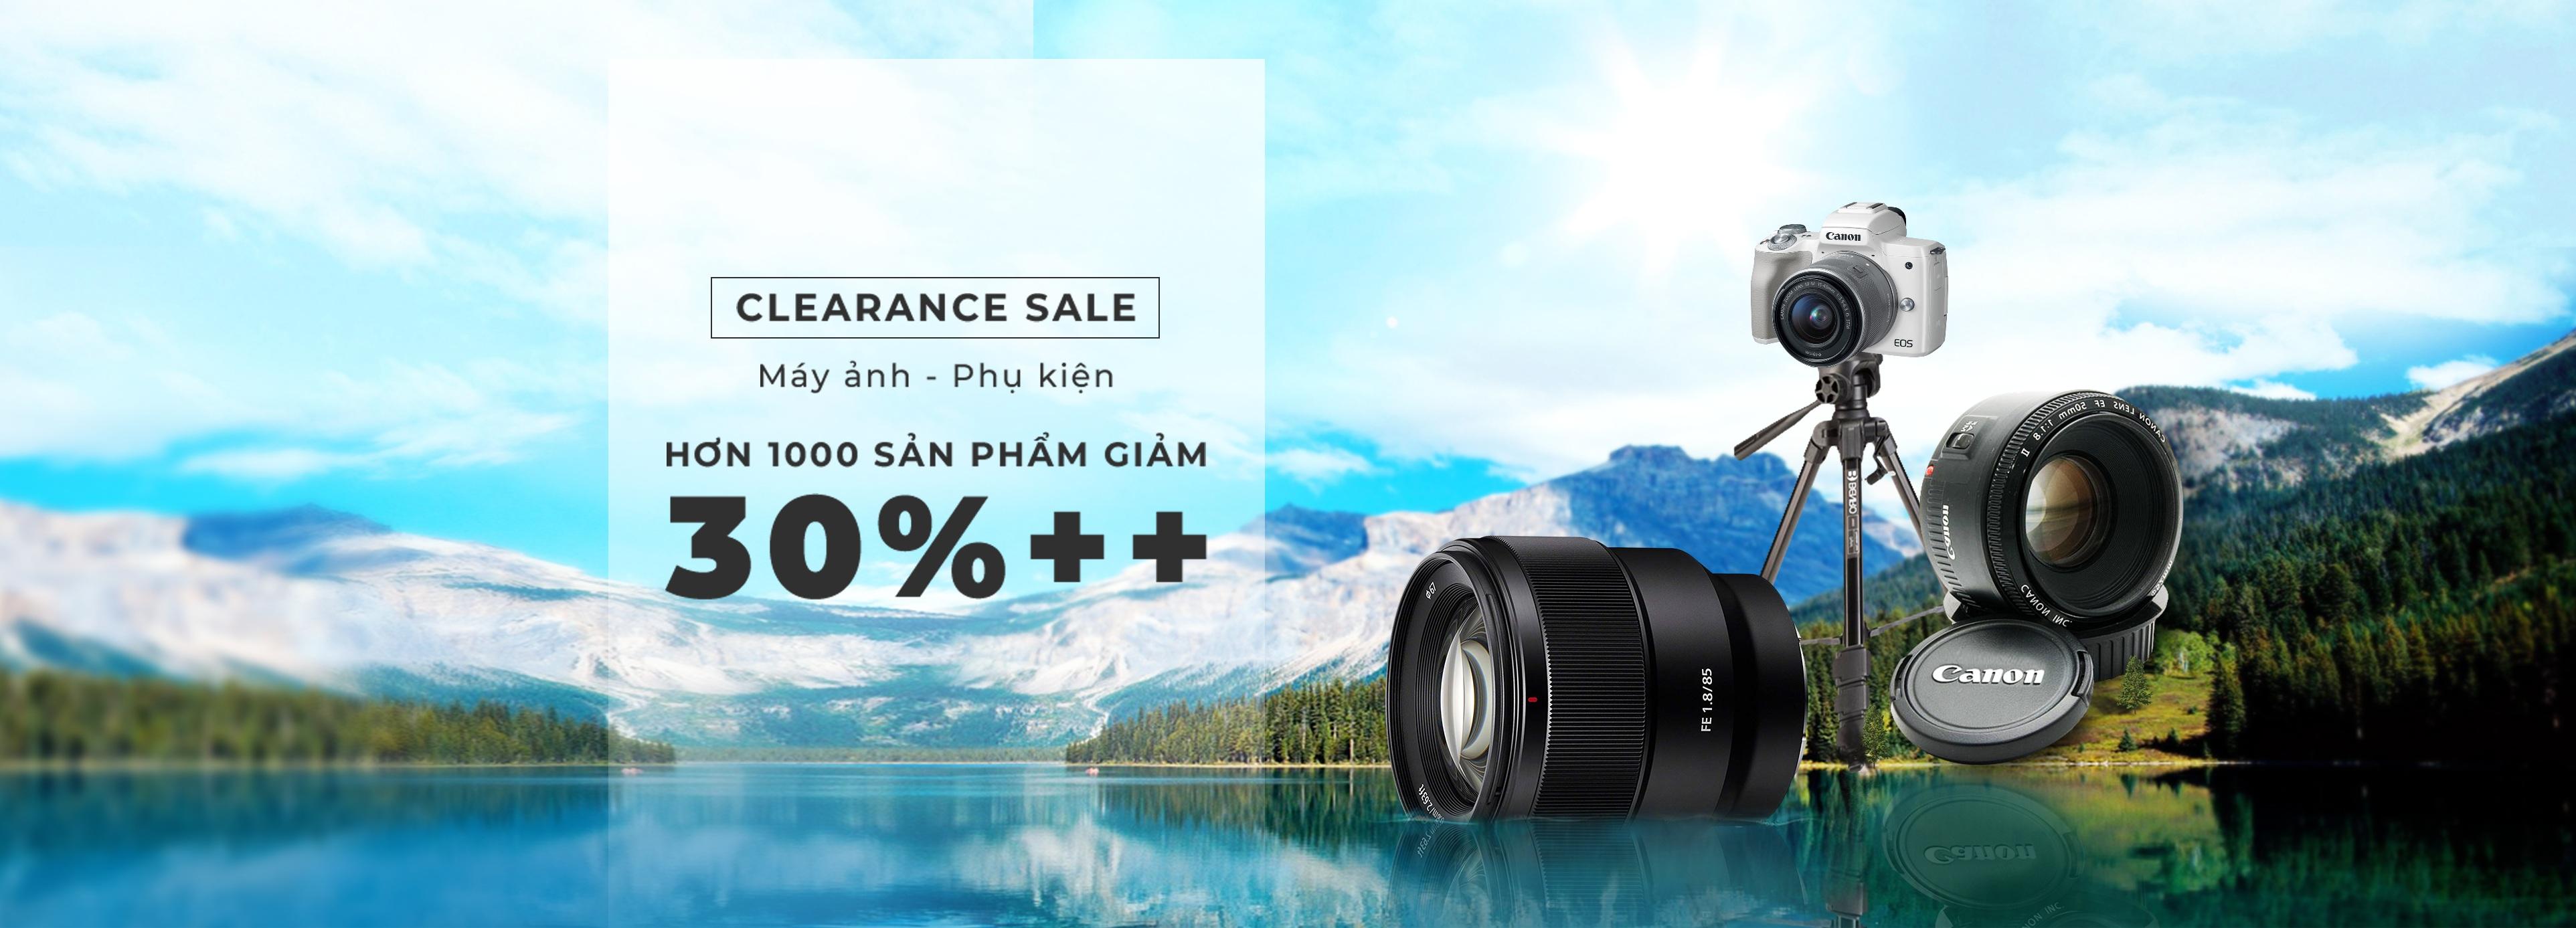 Máy ảnh, máy quay phim, camera hành trình giá tốt nhất thị trường (sau code)